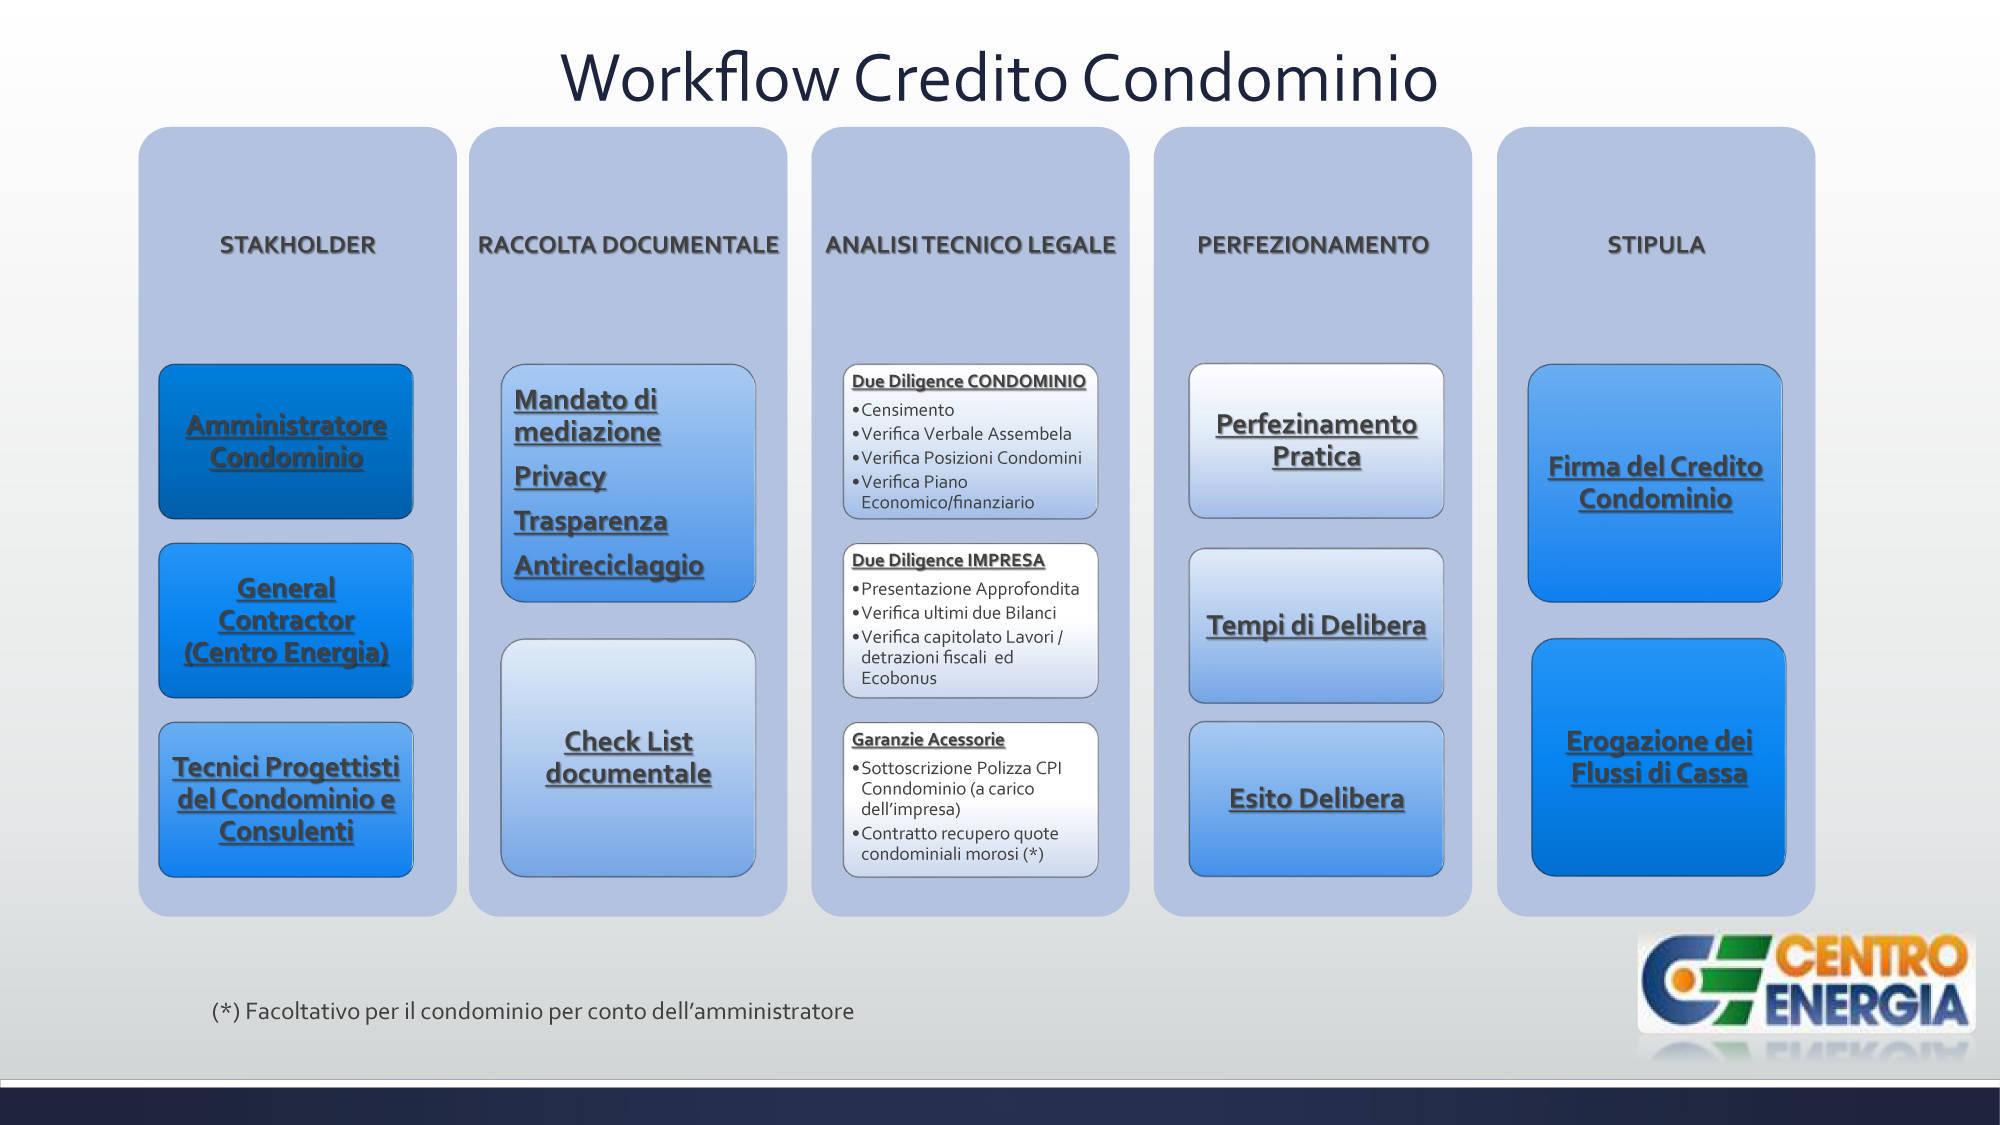 Credito-Condominio-Workflow_Hq